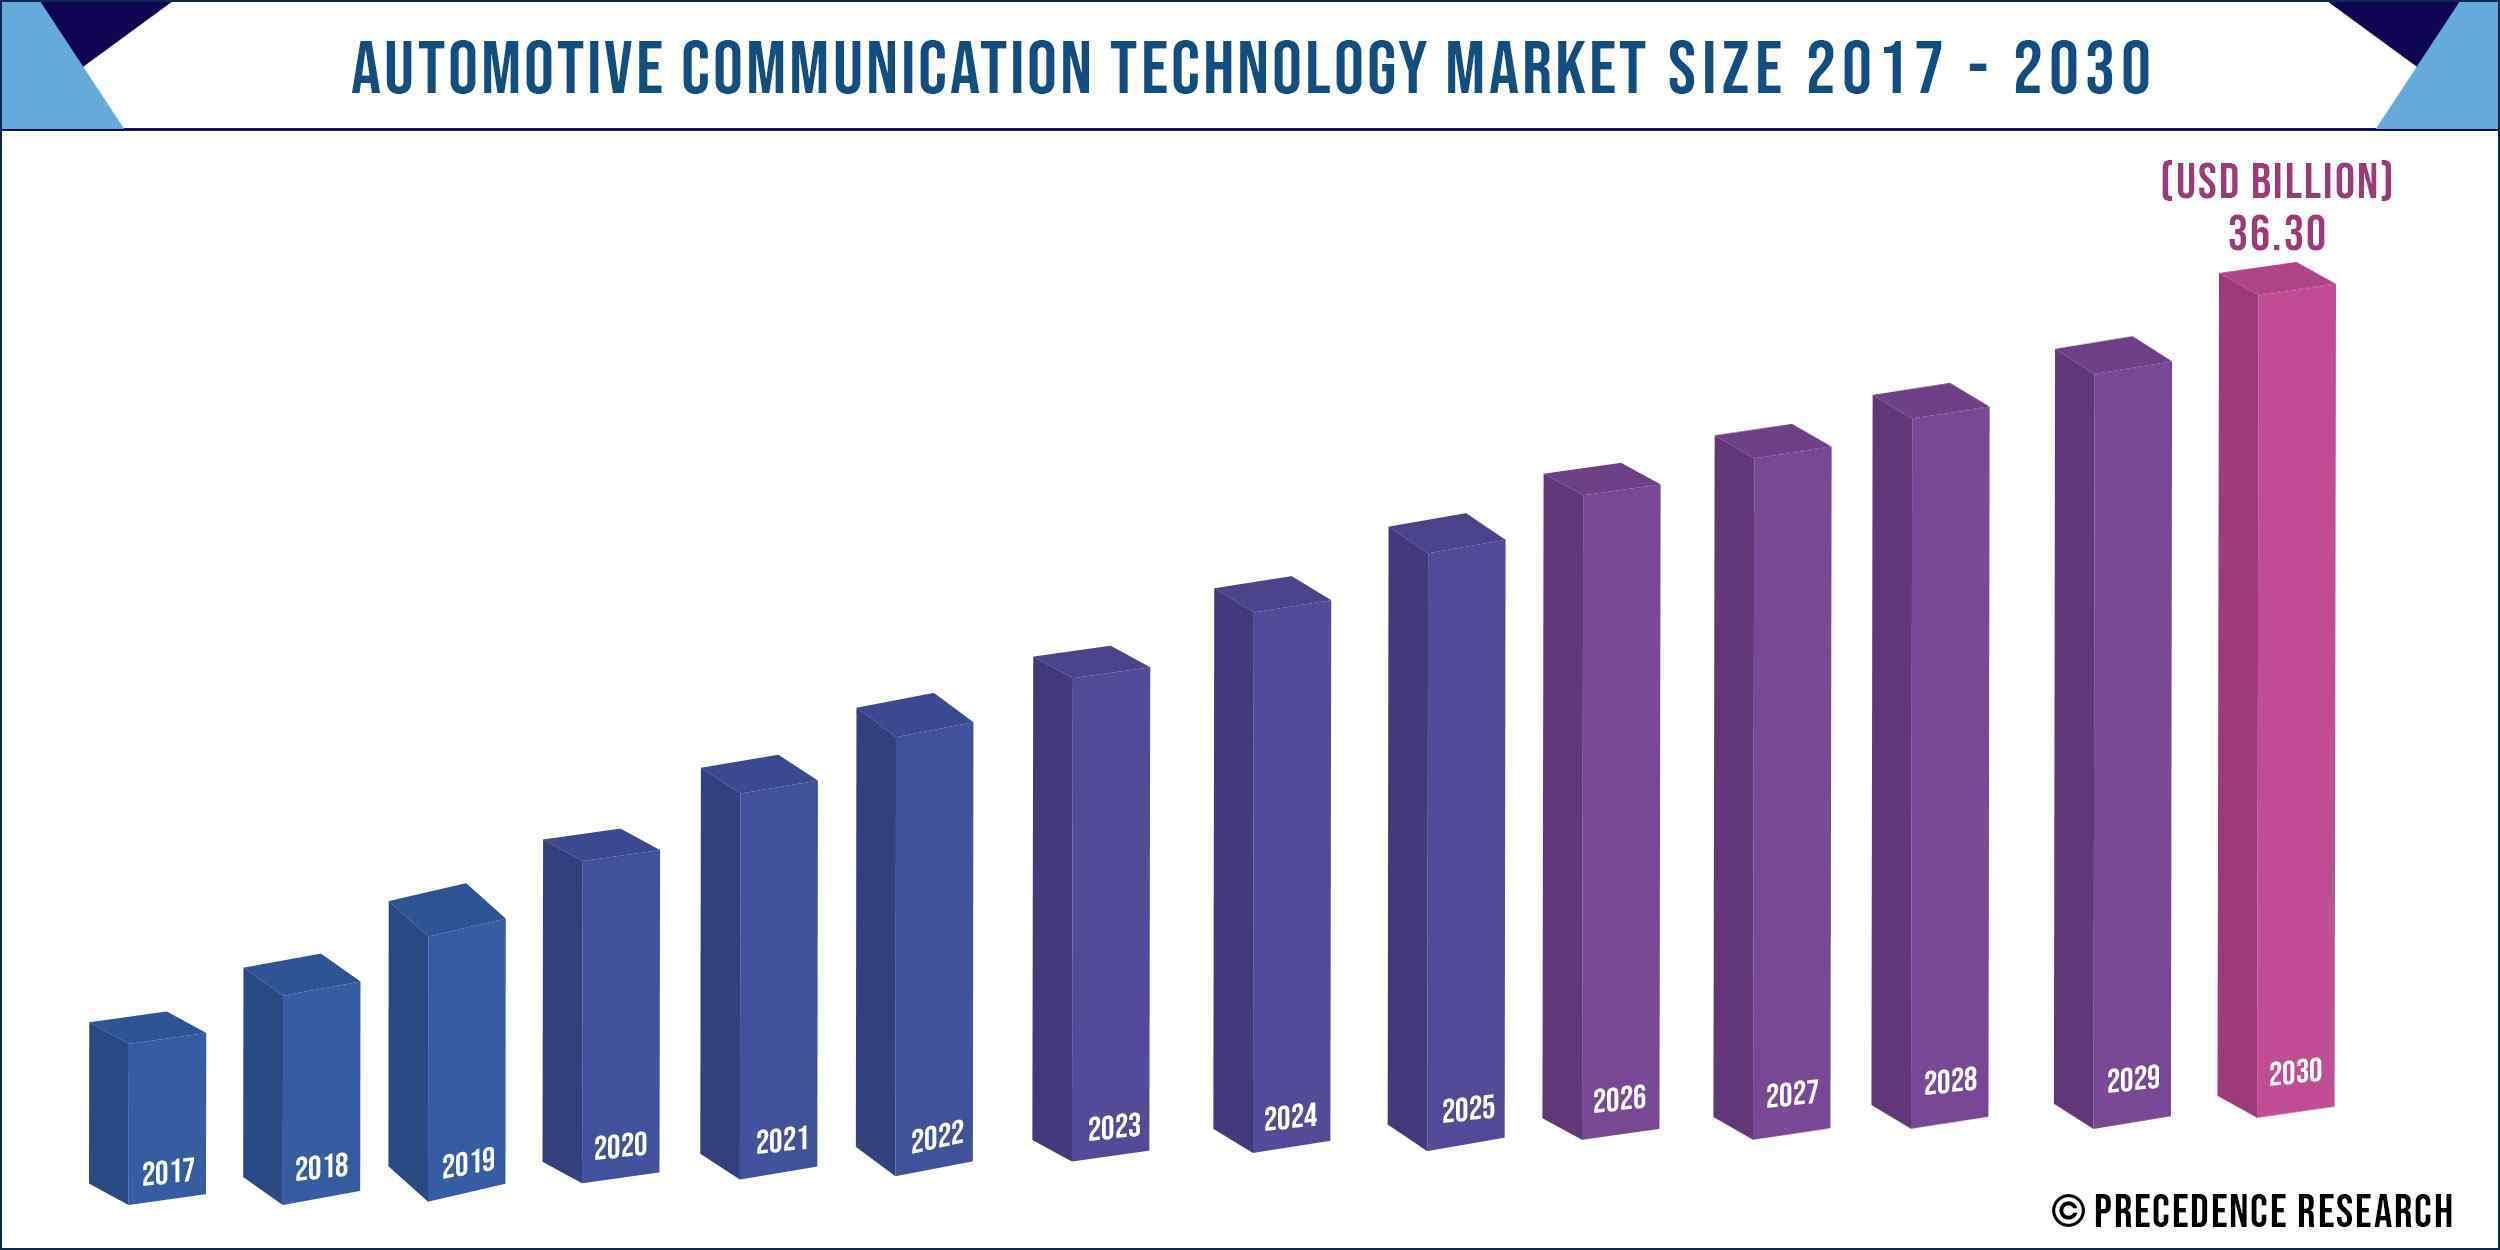 Automotive Communication Technology Market Size 2017-2030